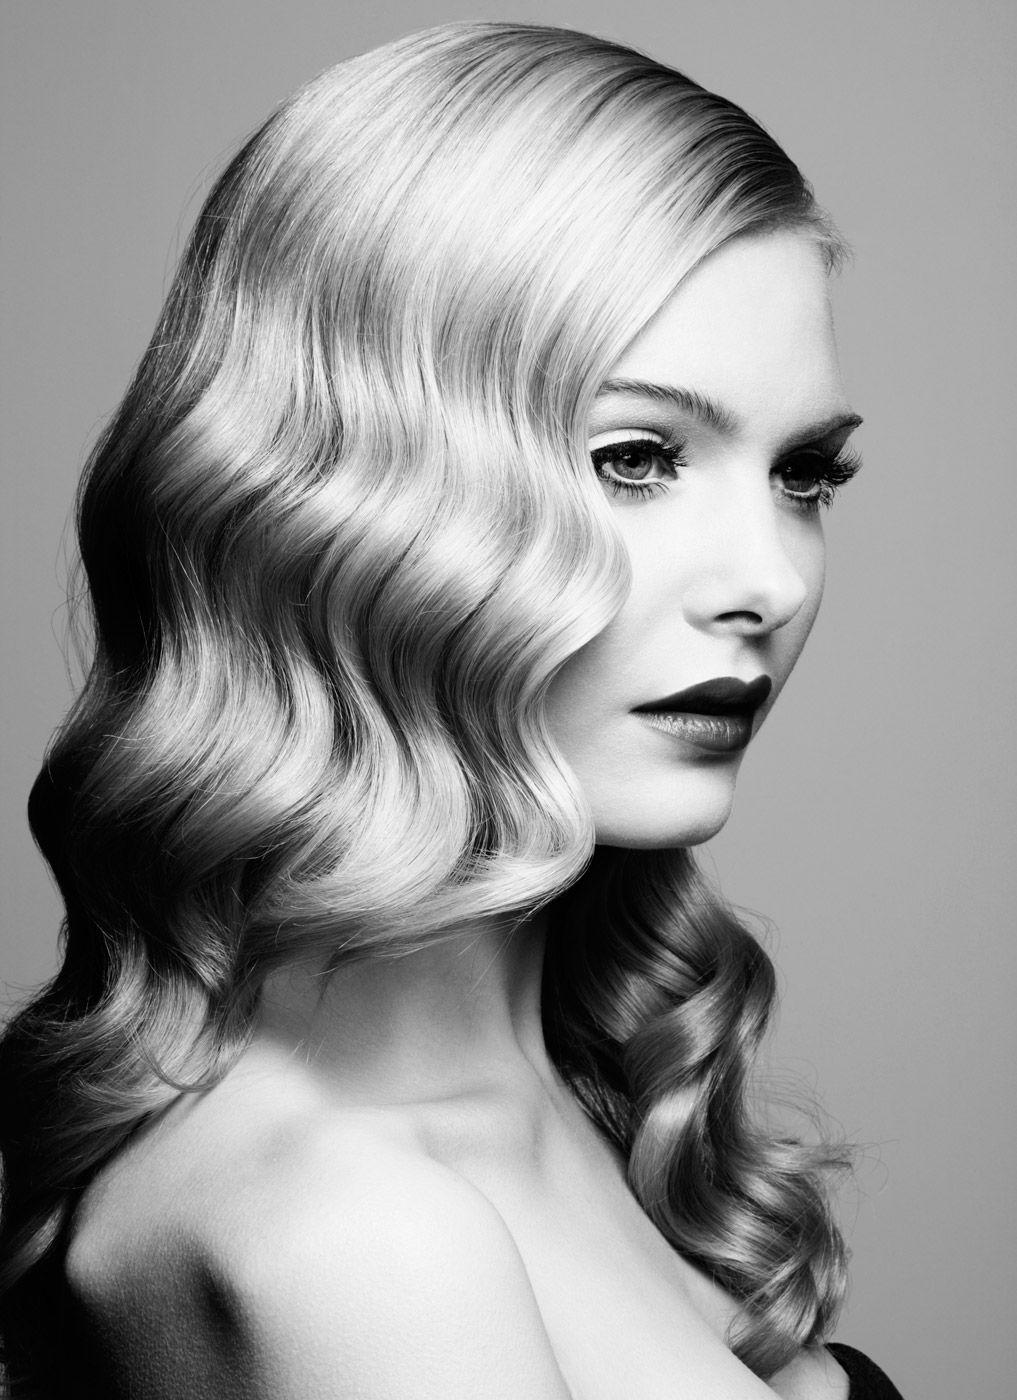 stylish retro wavy hairstyle